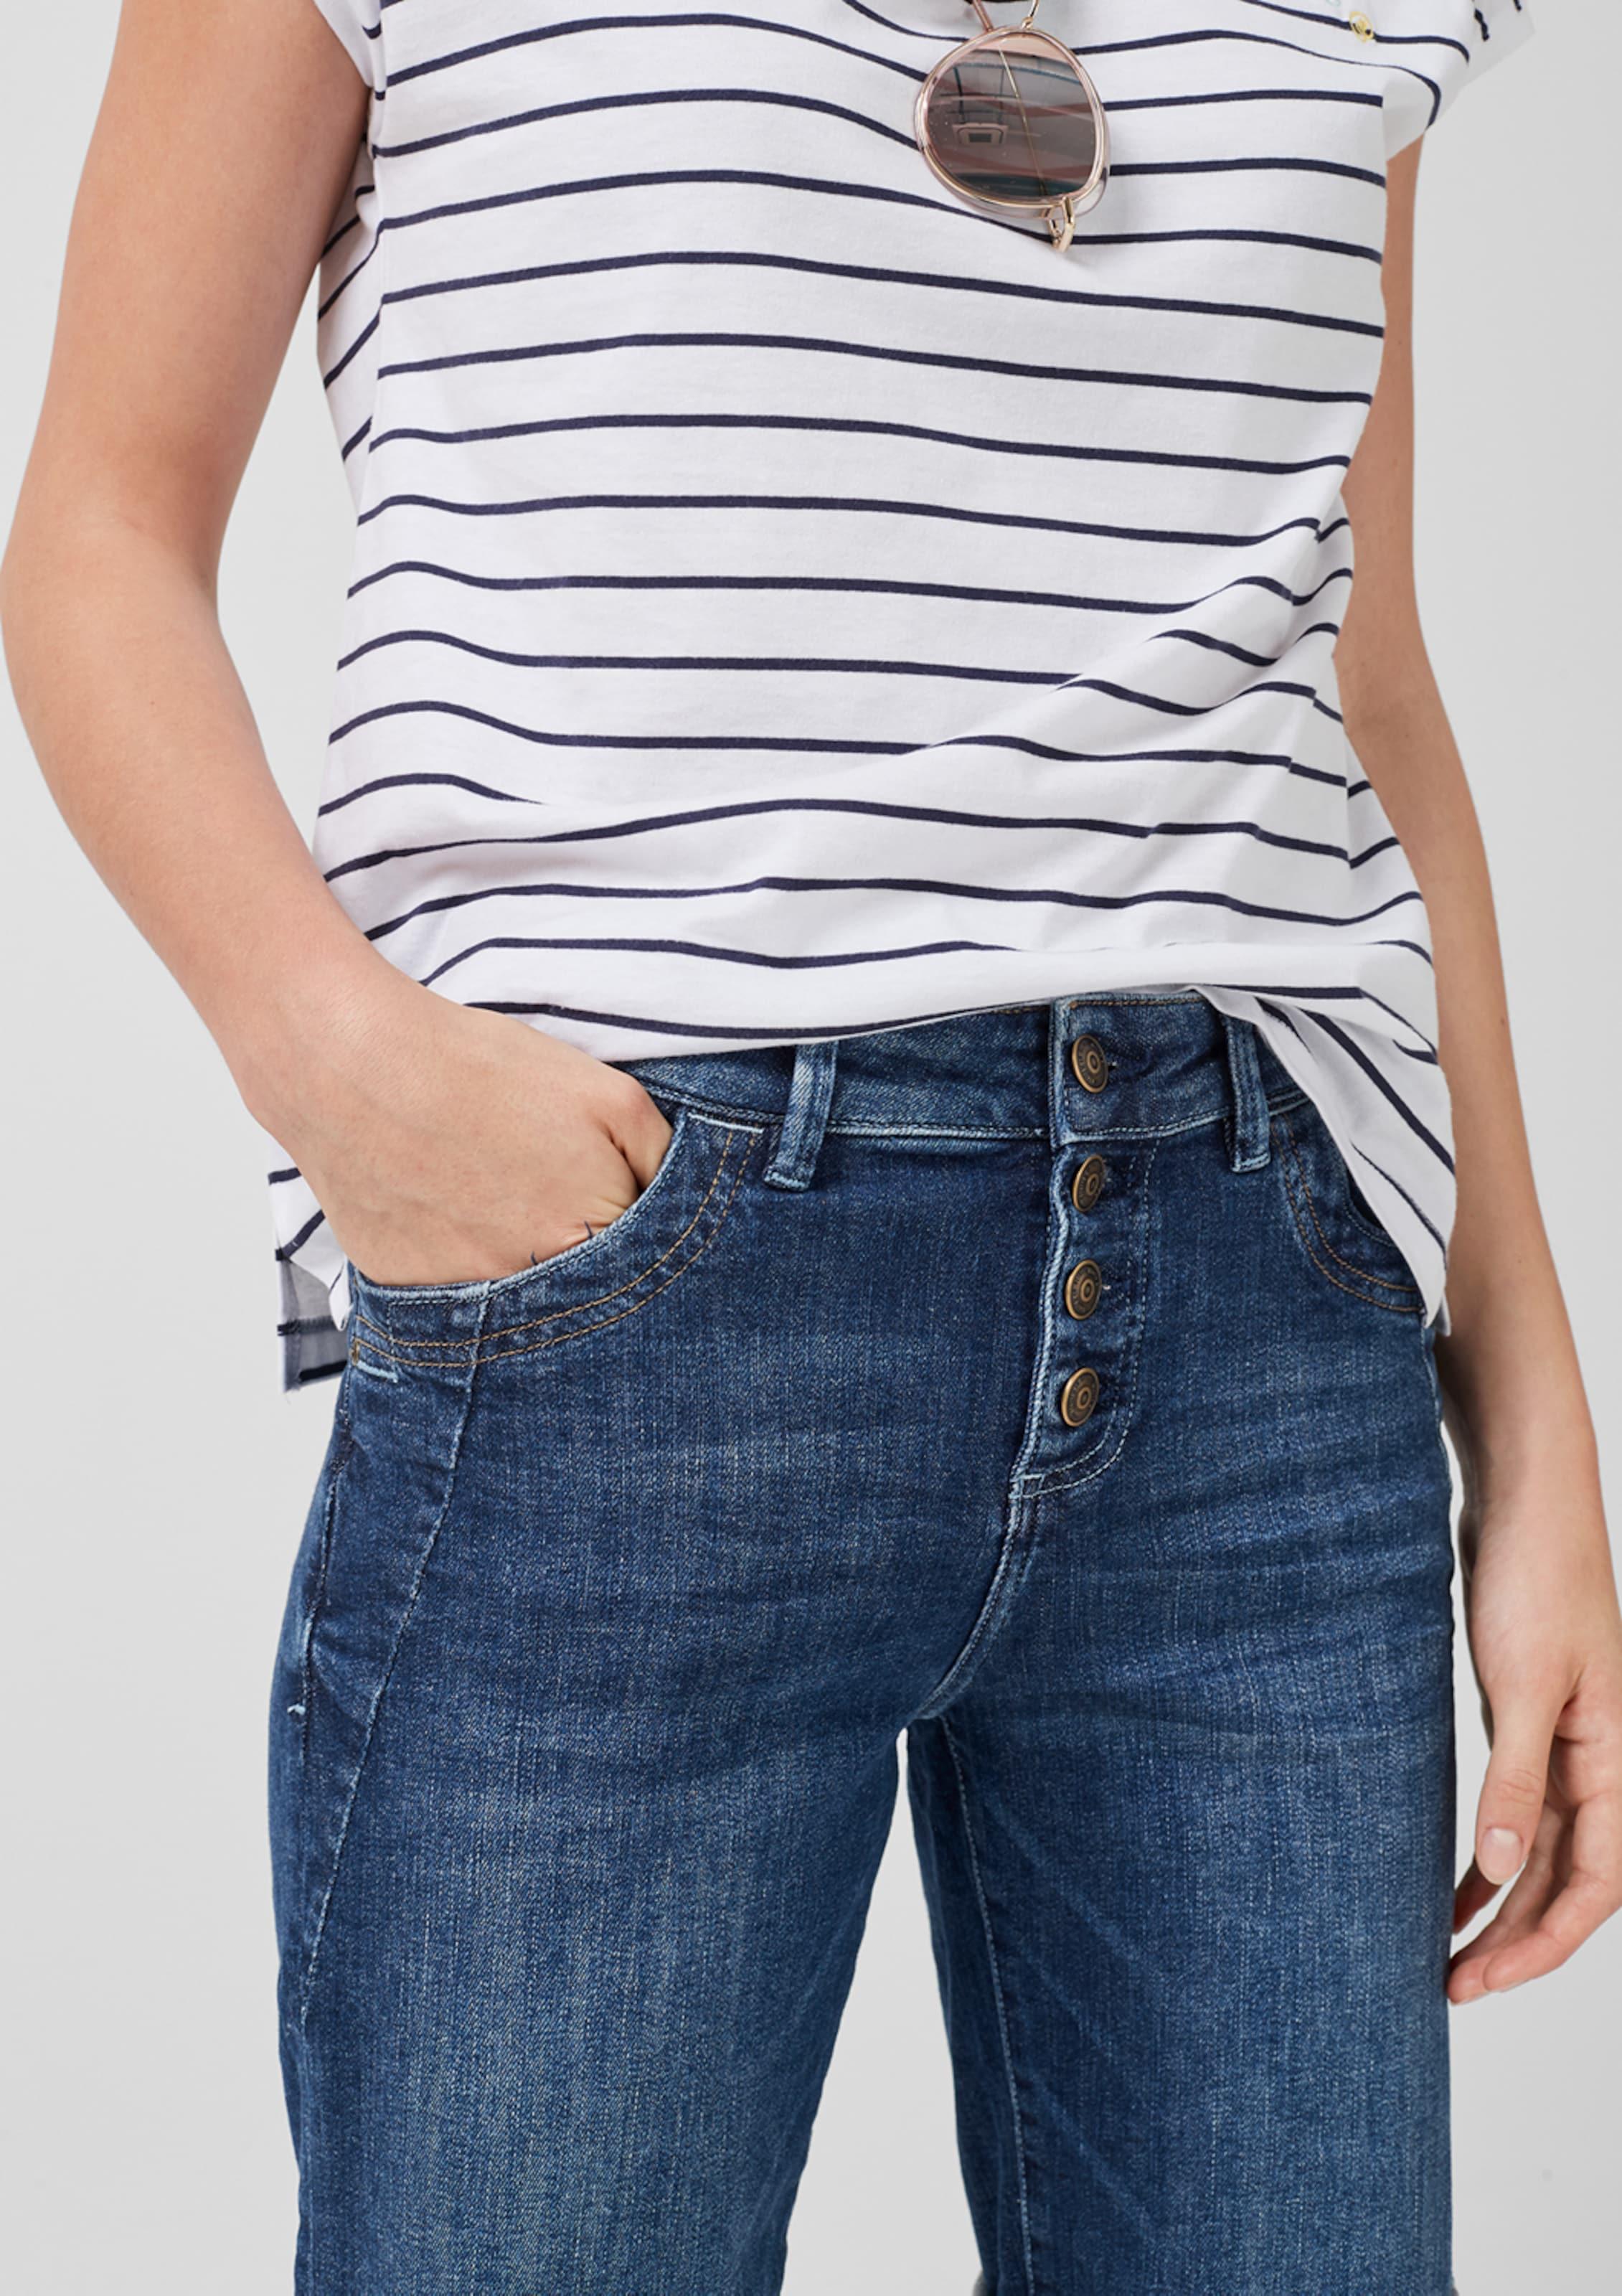 oliver Red Label In Jeans S Blue Denim 0OwnPk